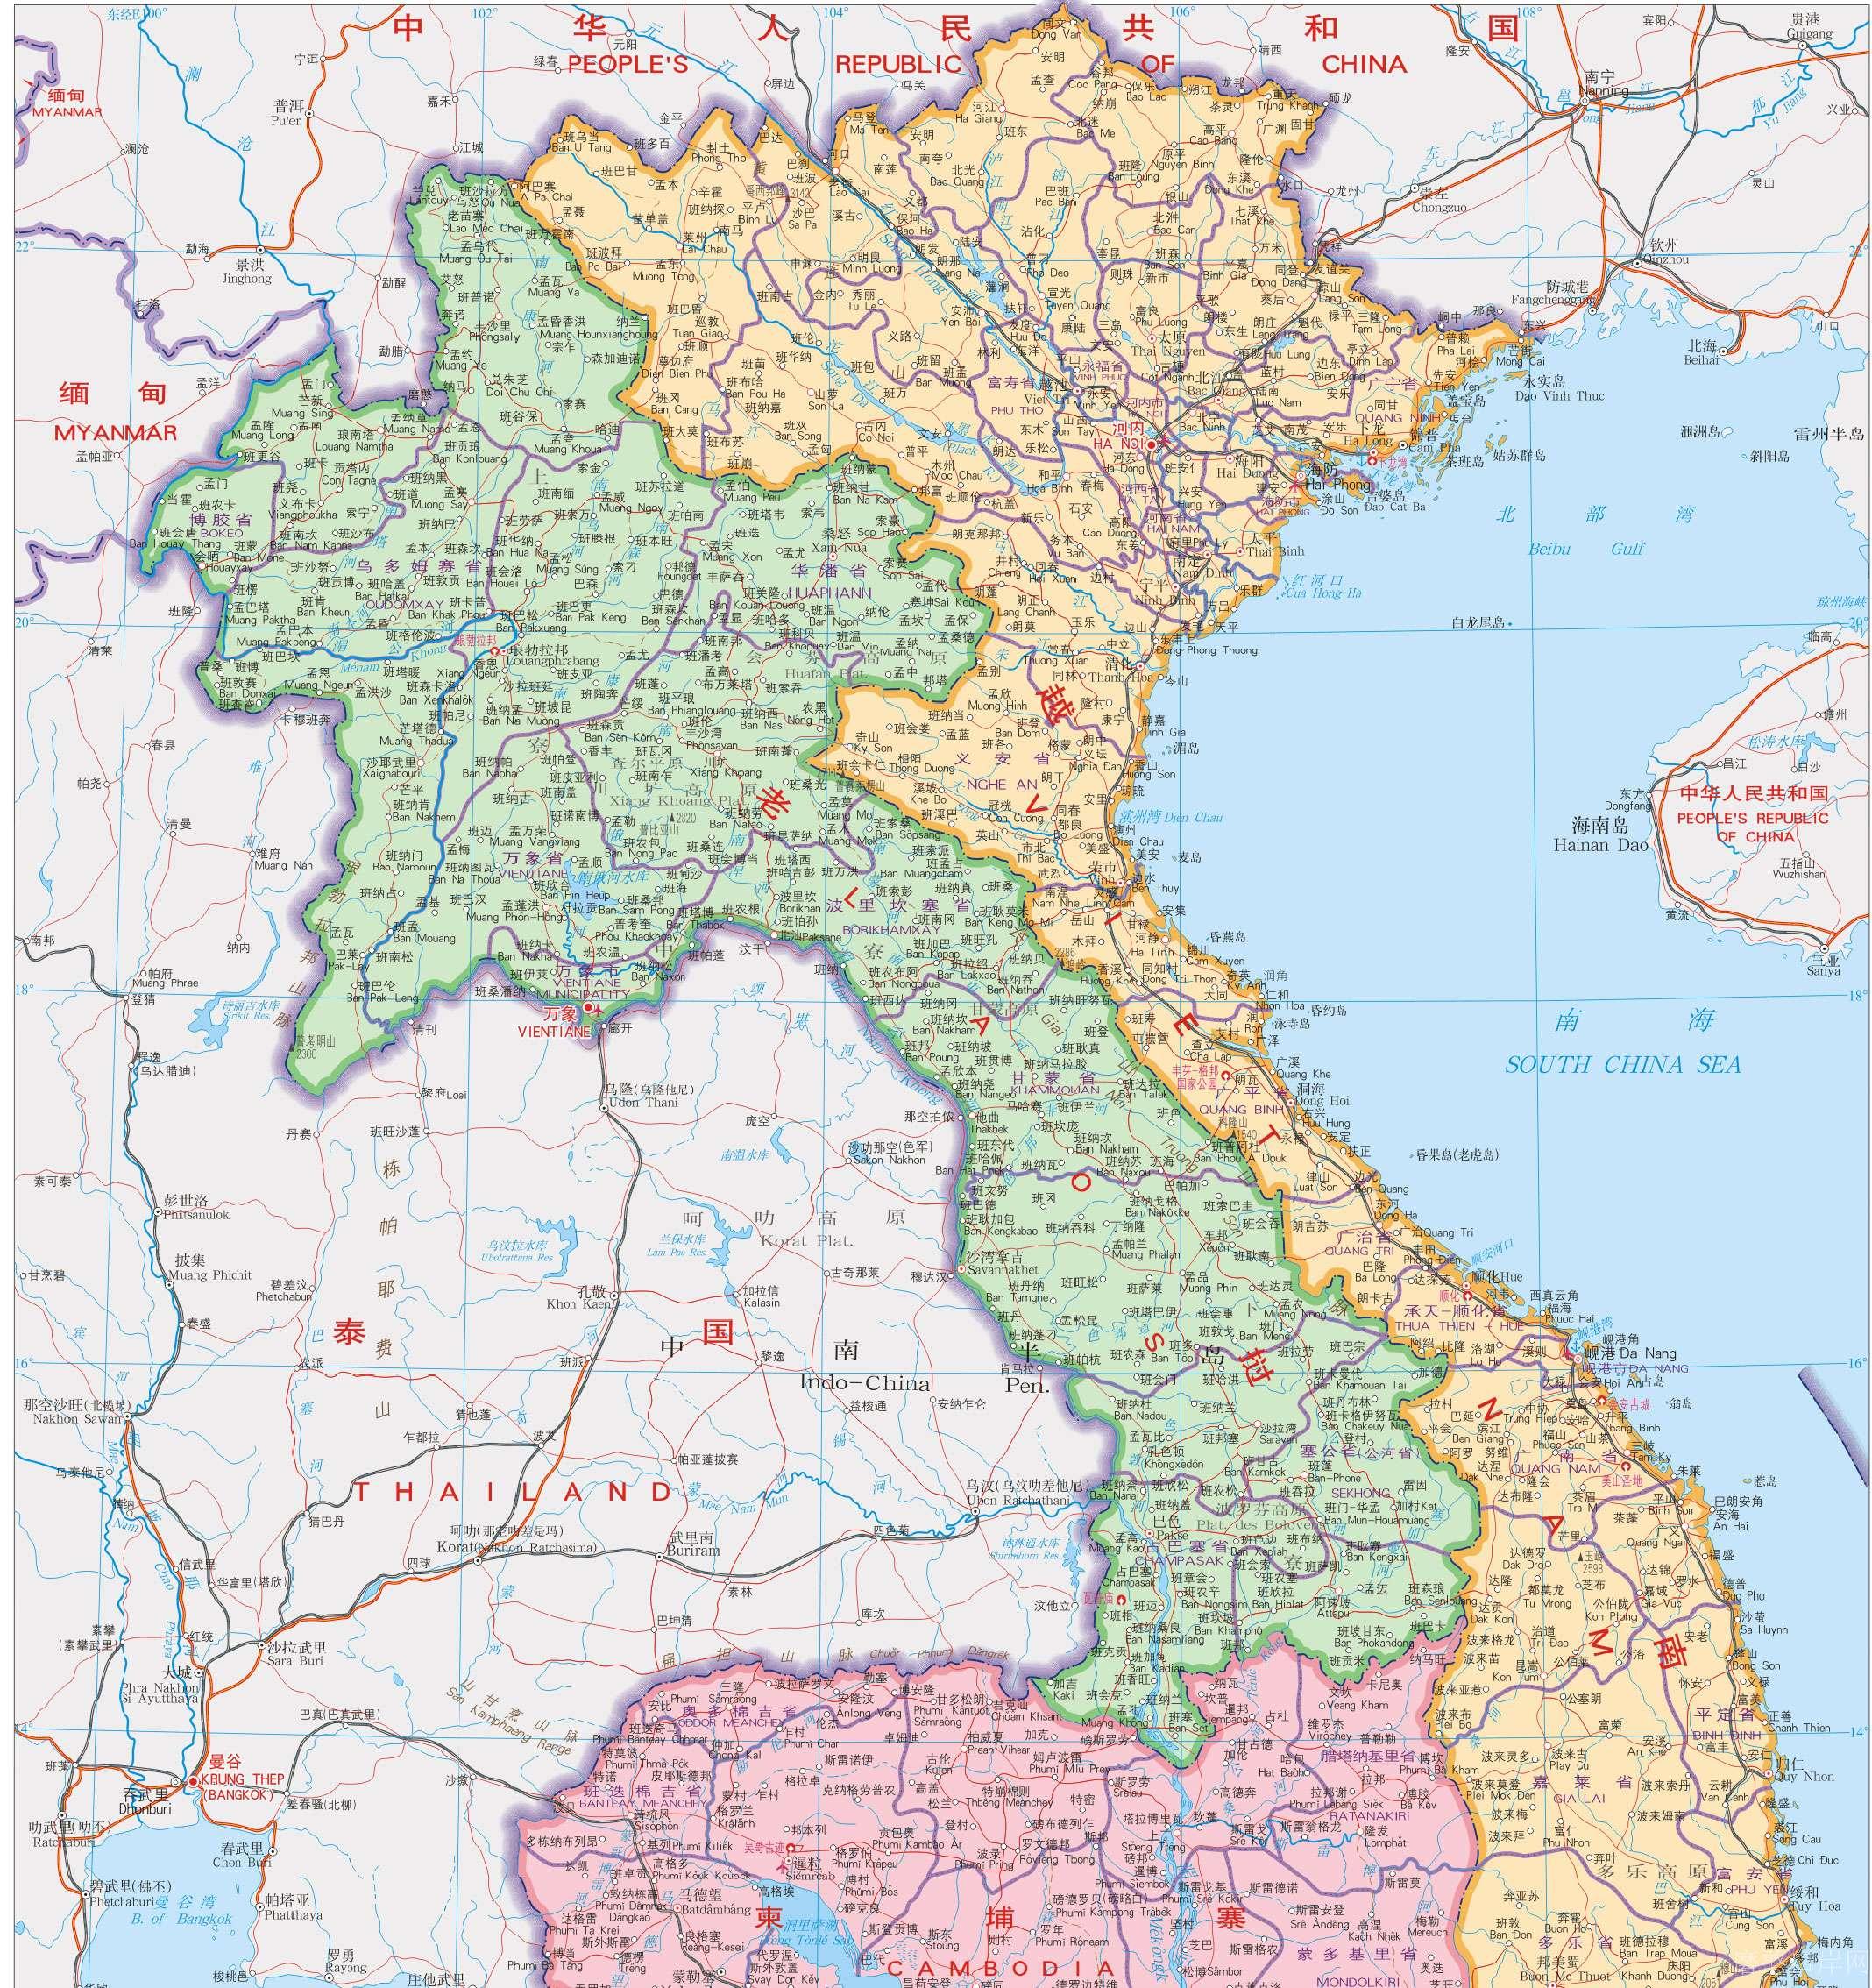 老挝地图高清版(中文版)